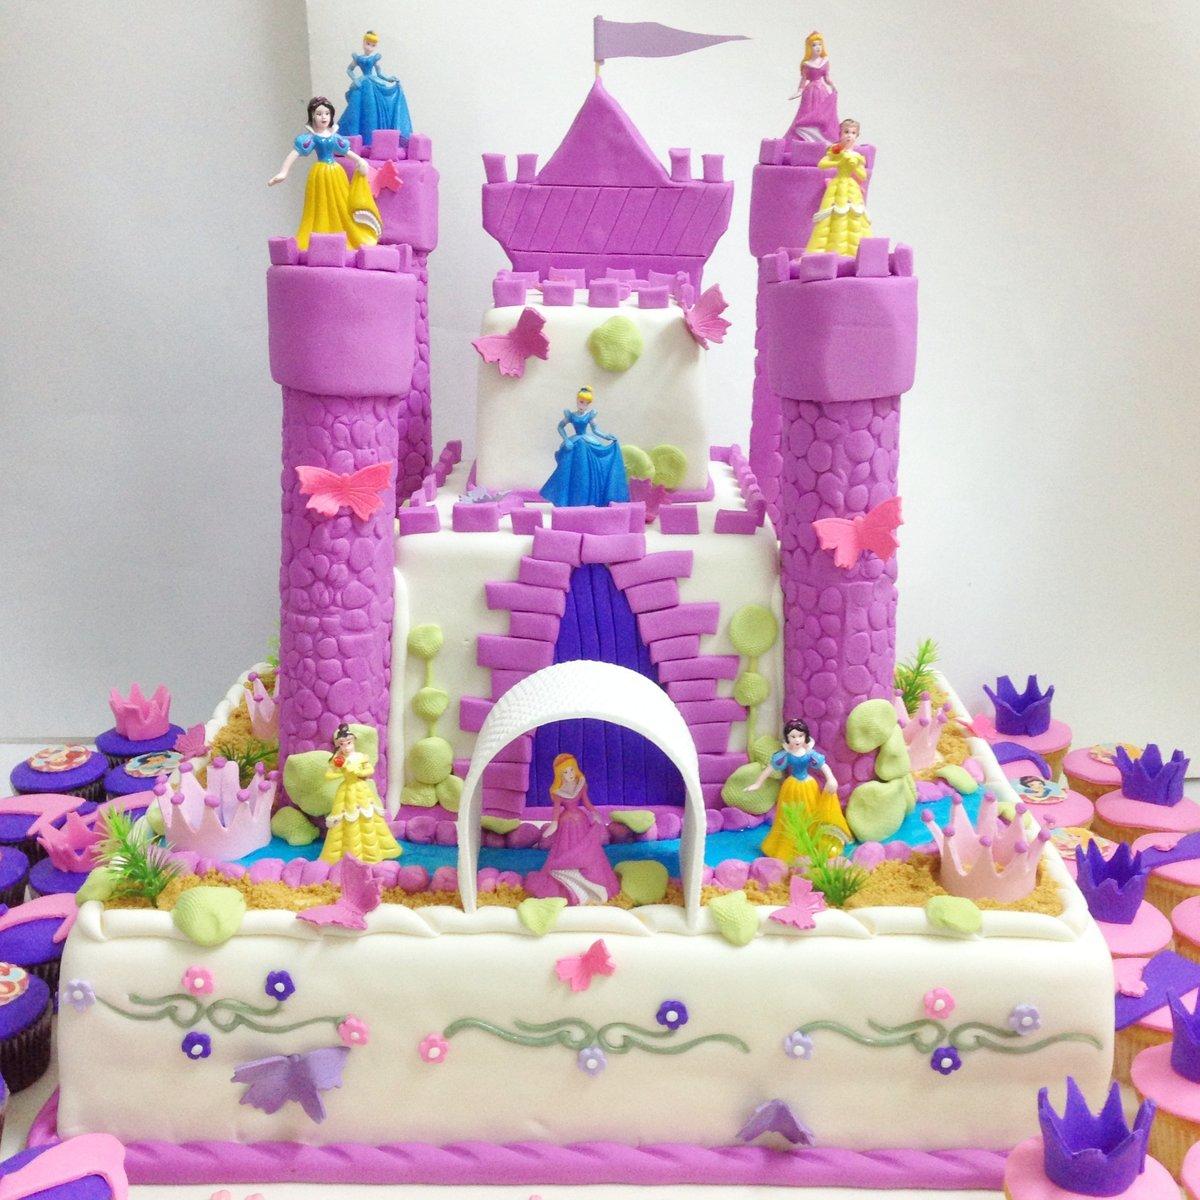 нежный торт замок фото сожалению, подпольное